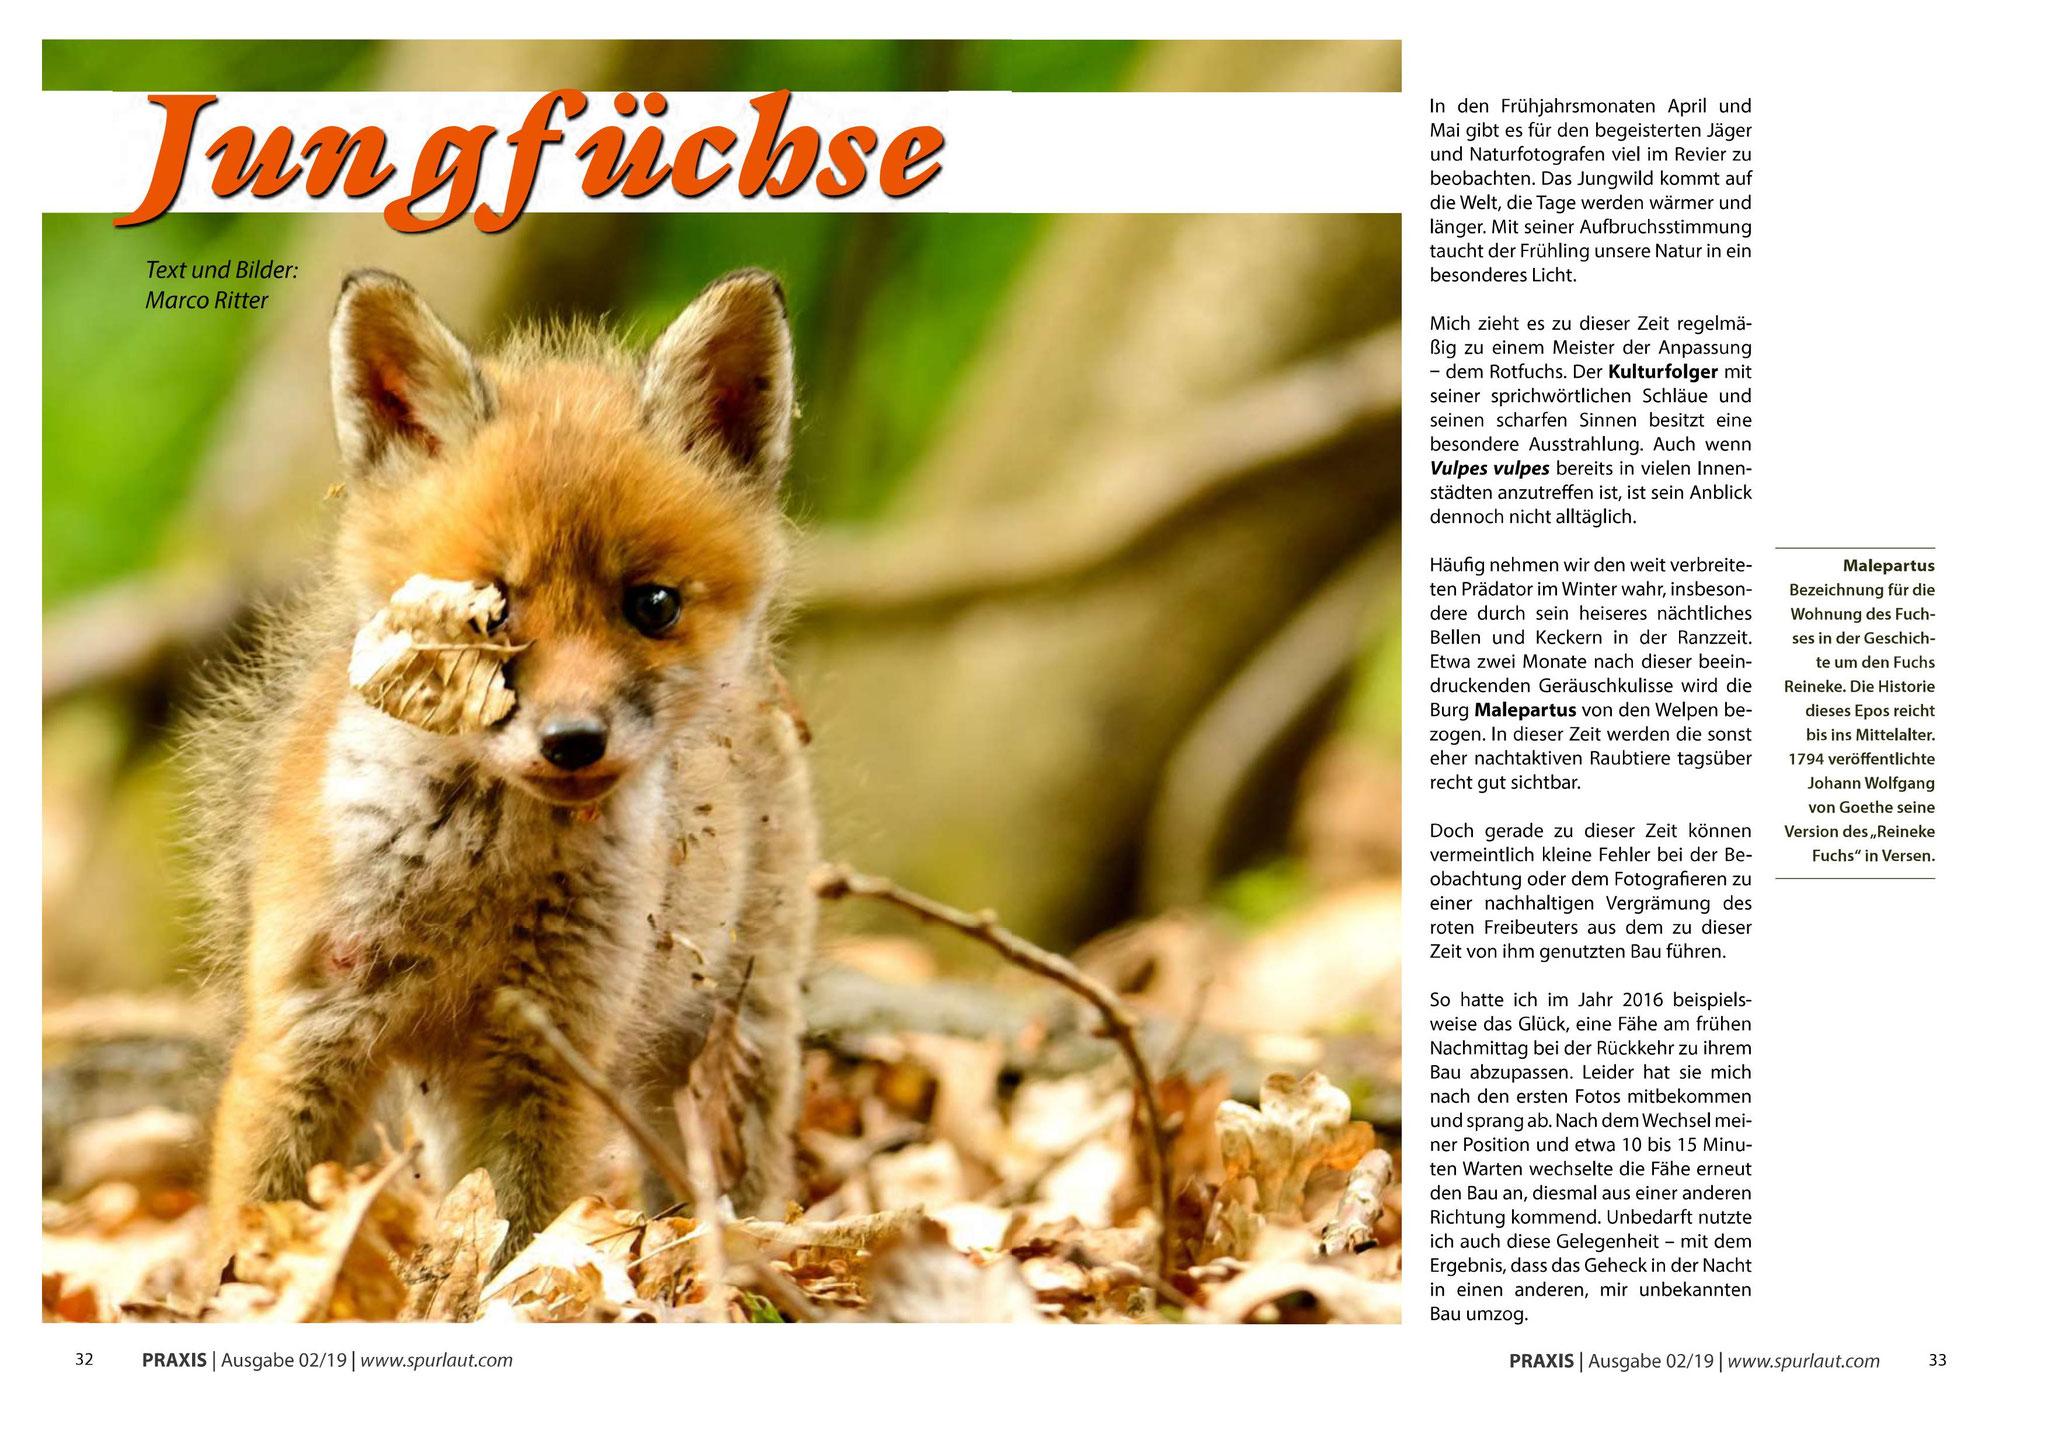 """Bebilderung des Artikels """"Jungfüchse"""" in Spurlaut Ausgabe 02/2019"""